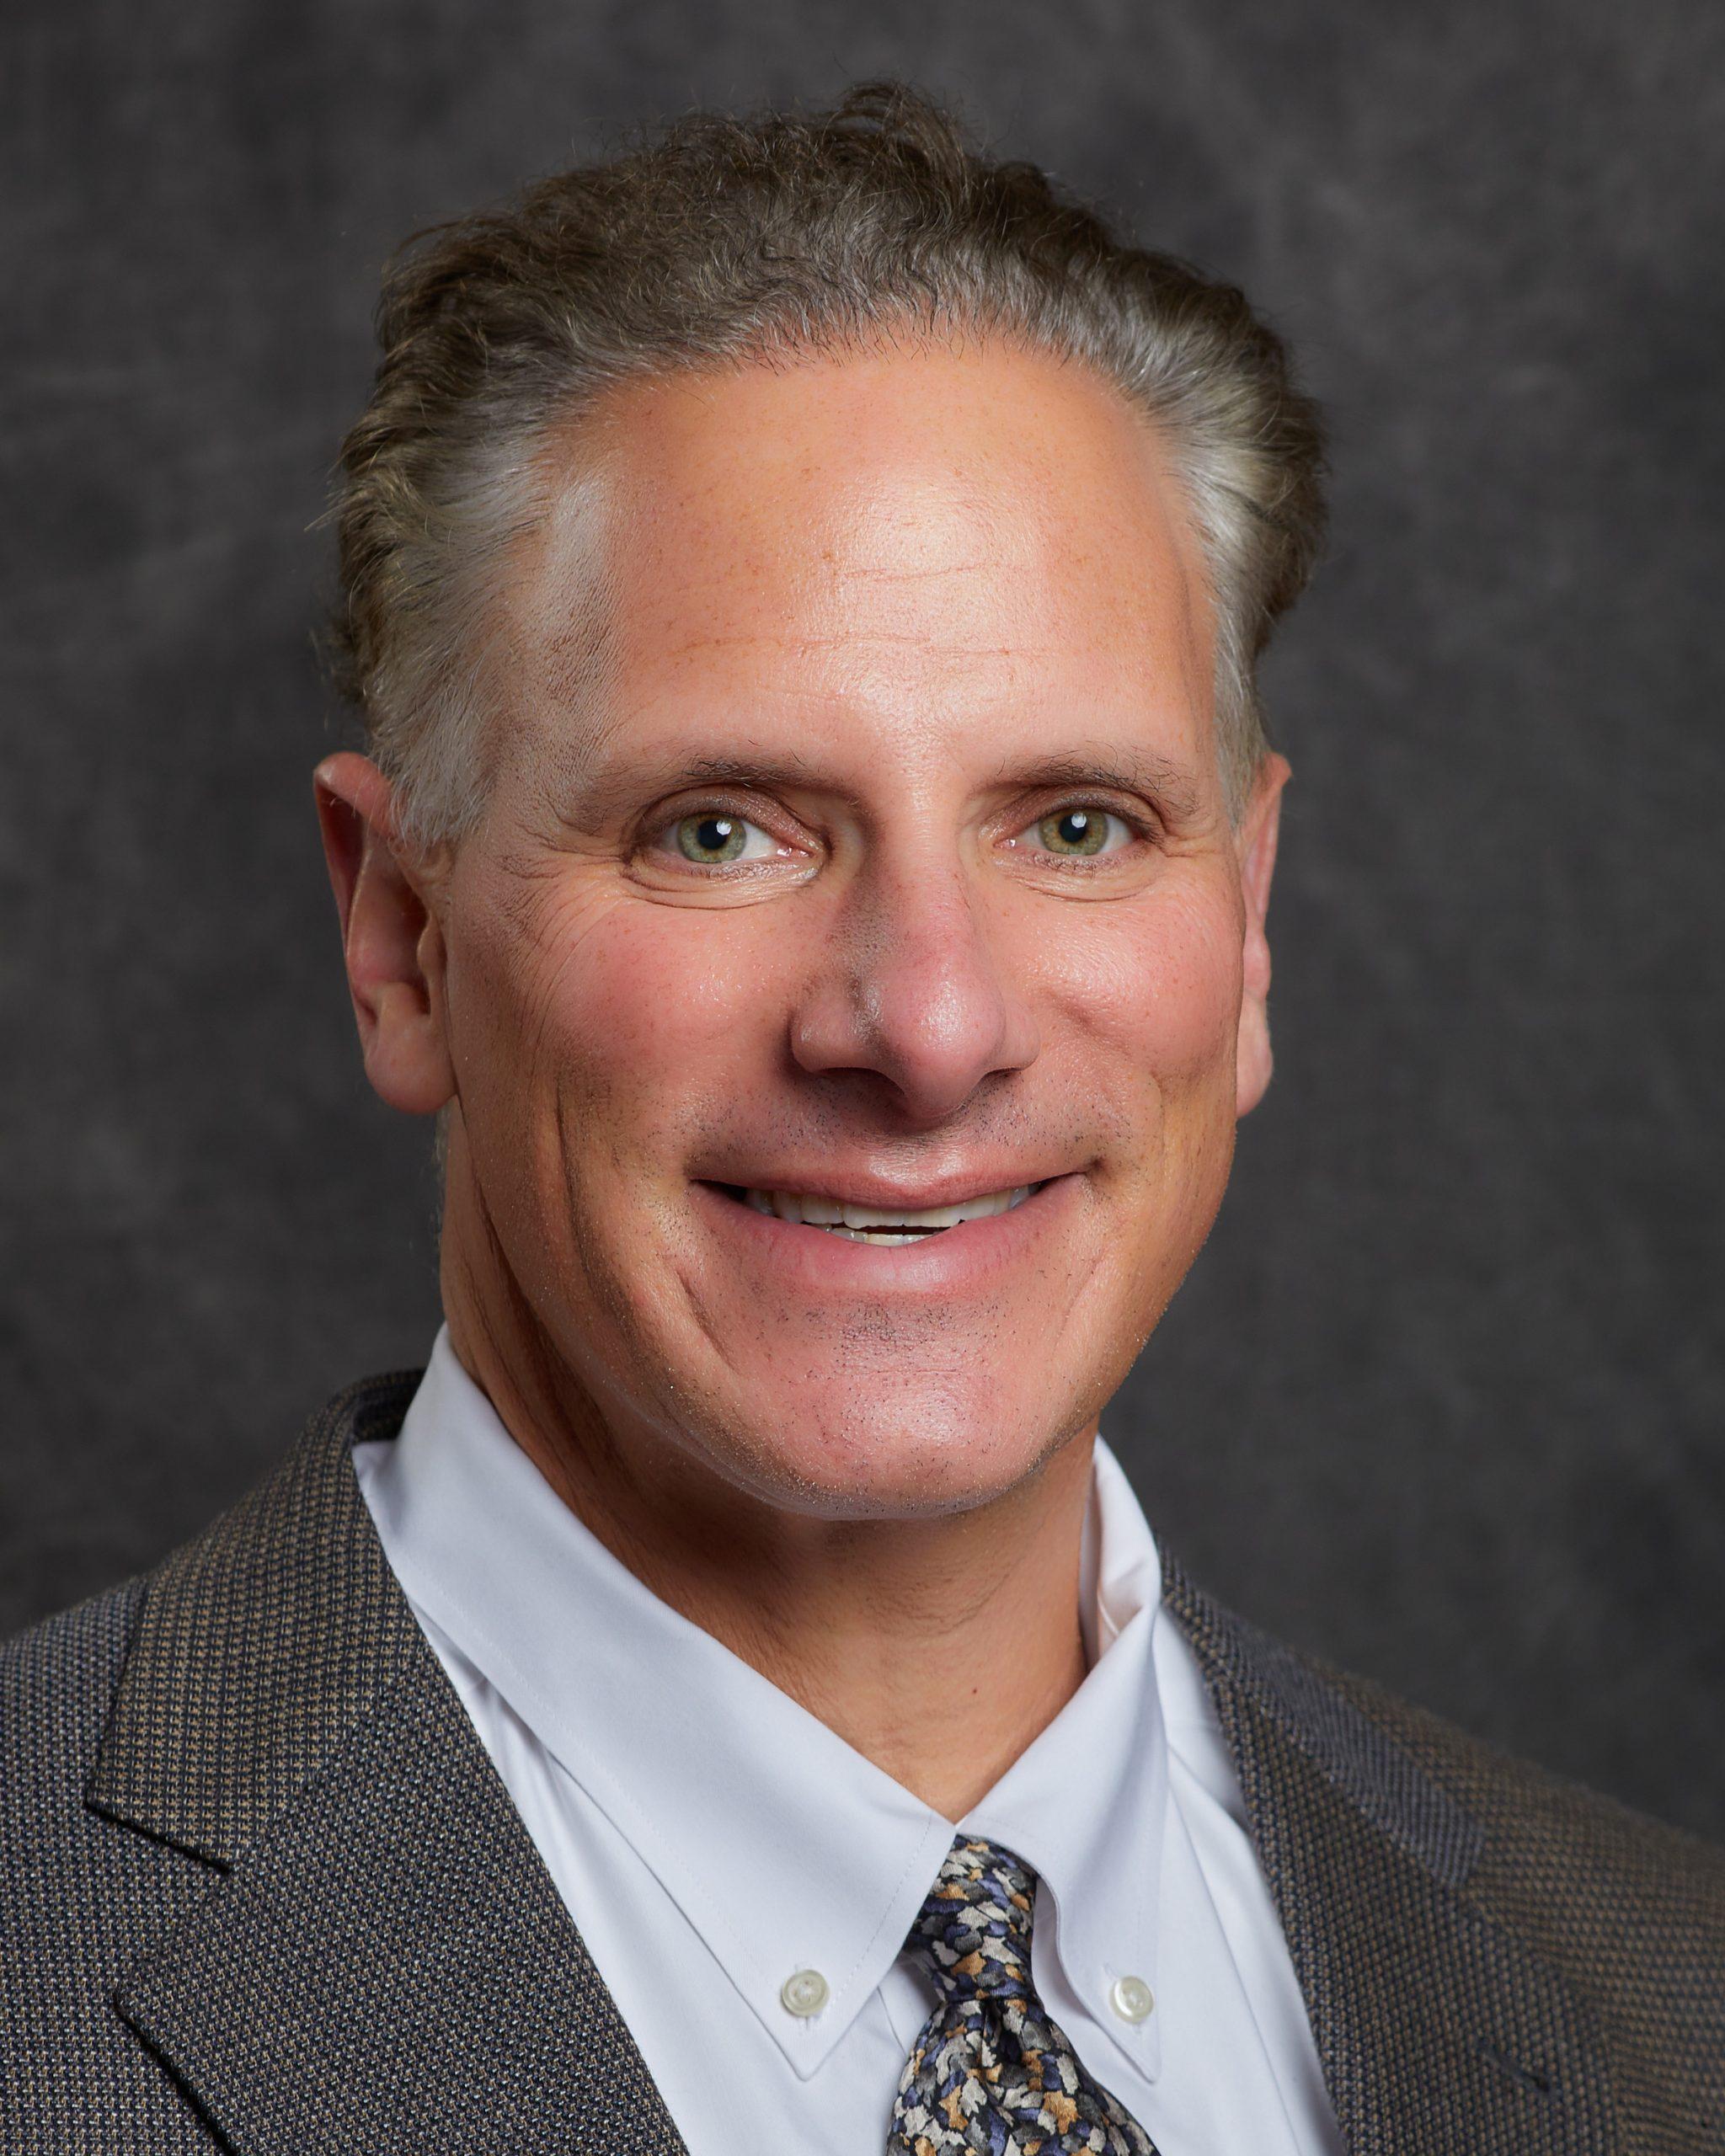 Steven Simensky, MD, PhD - An Employed Provider of Memorial Healthcare